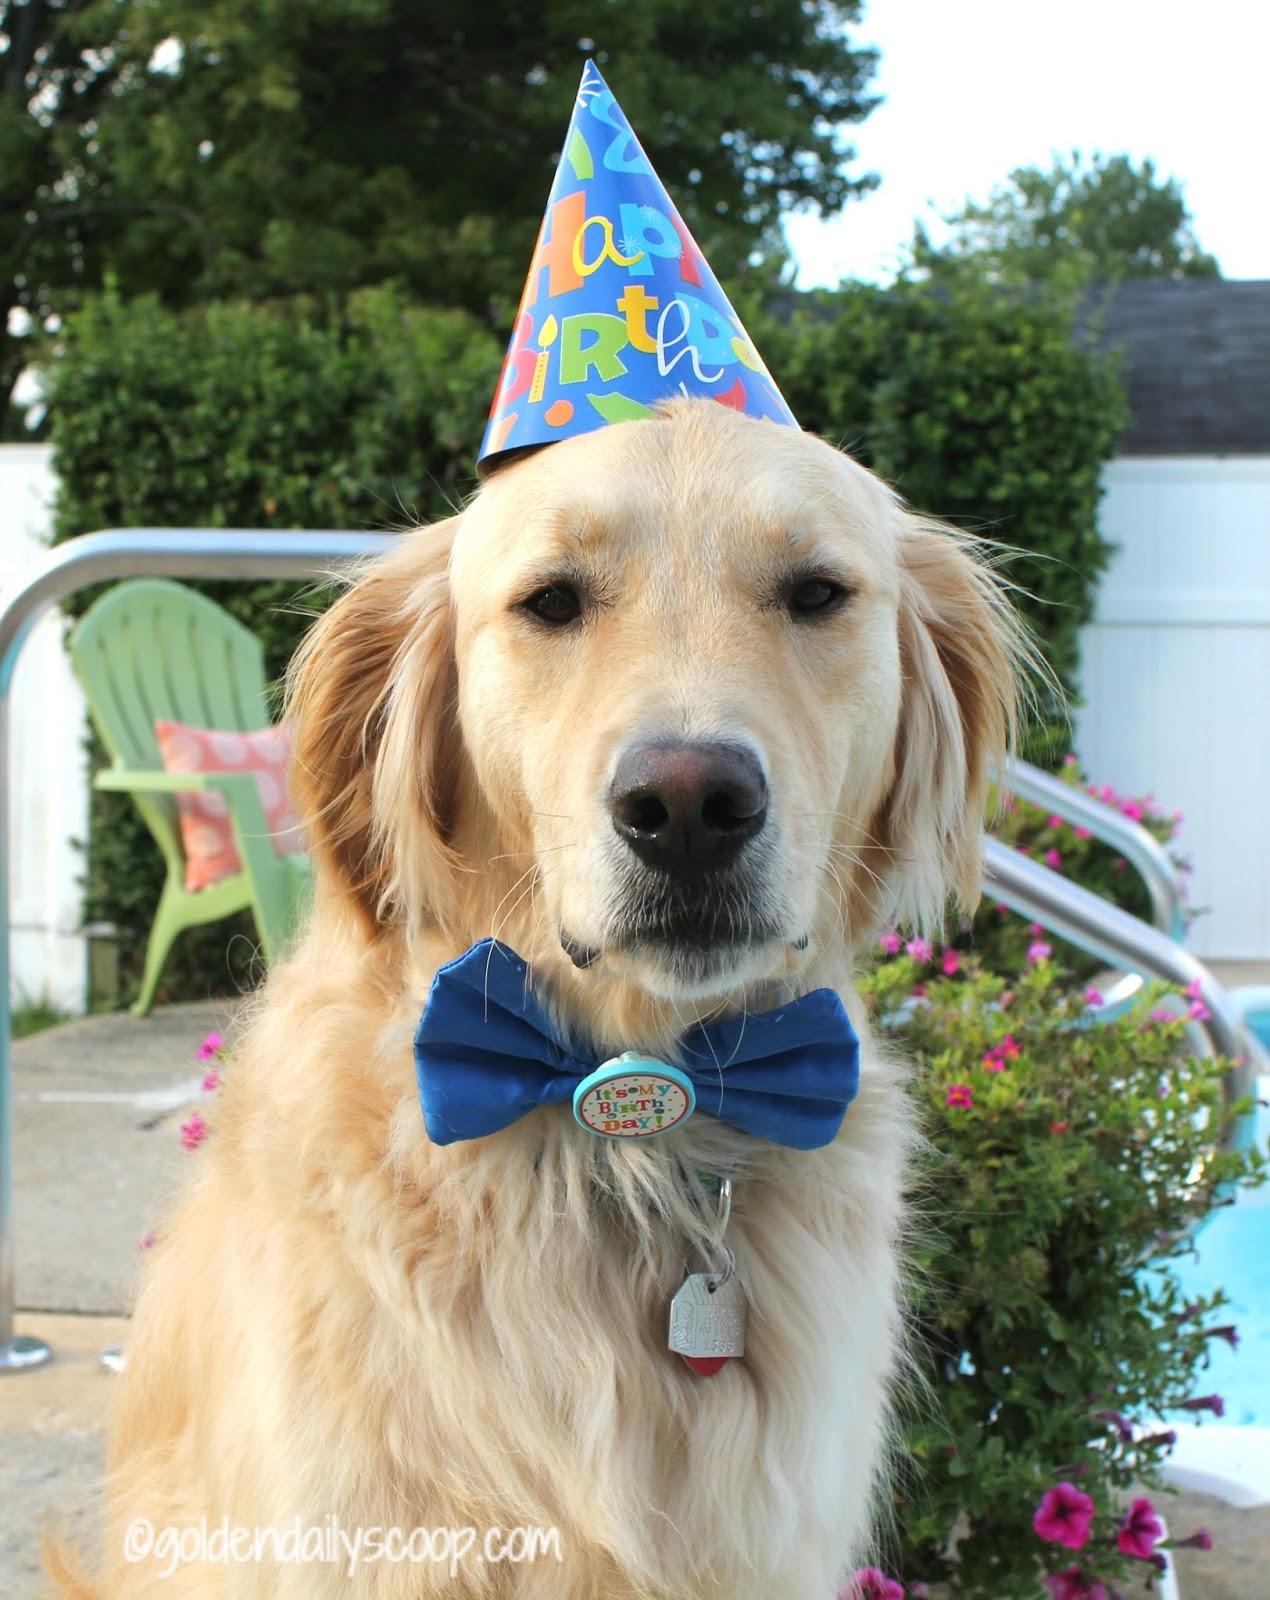 Golden Retriever Dog Wearing Birthday Hat And Bowtie